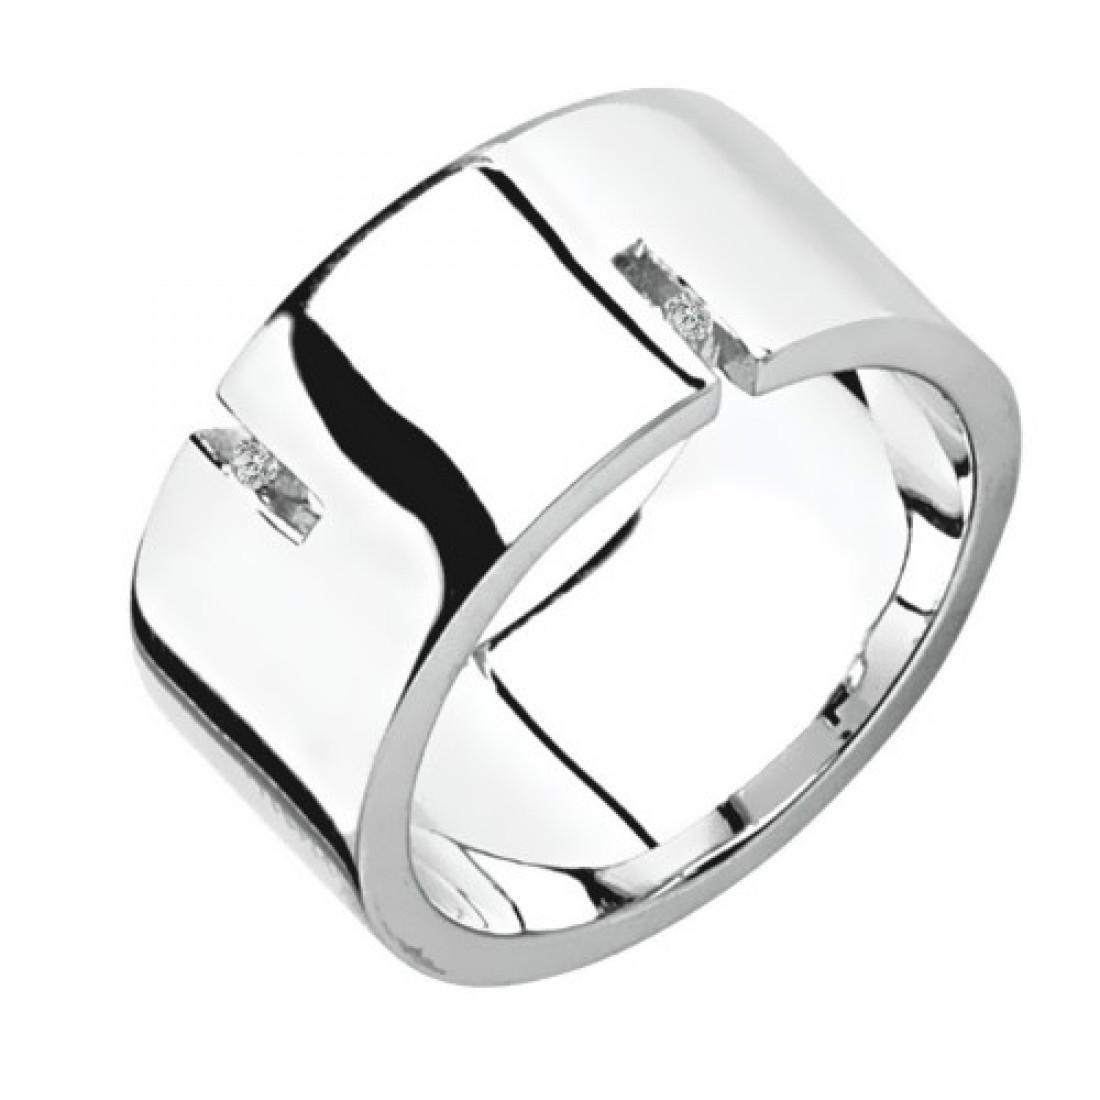 Мужское серебряное кольцо с бриллиантом Hot Diamonds